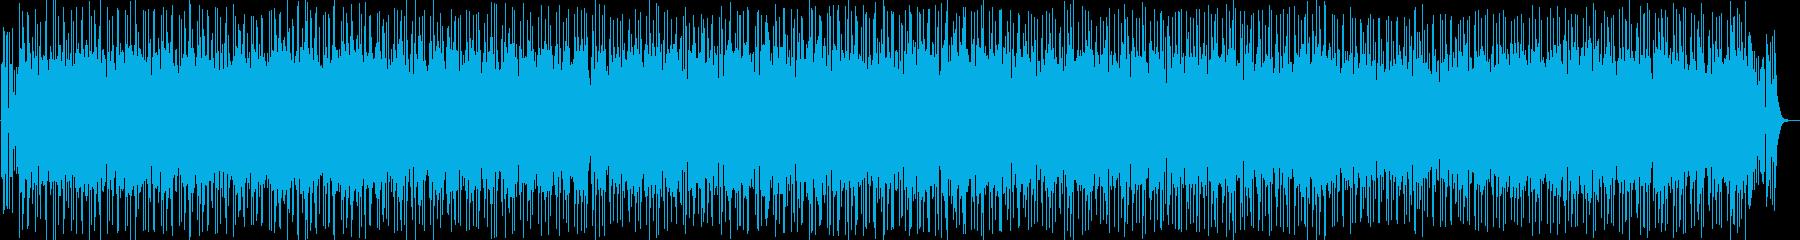 軽快、コミカル、慌ただしい、はつらつの再生済みの波形